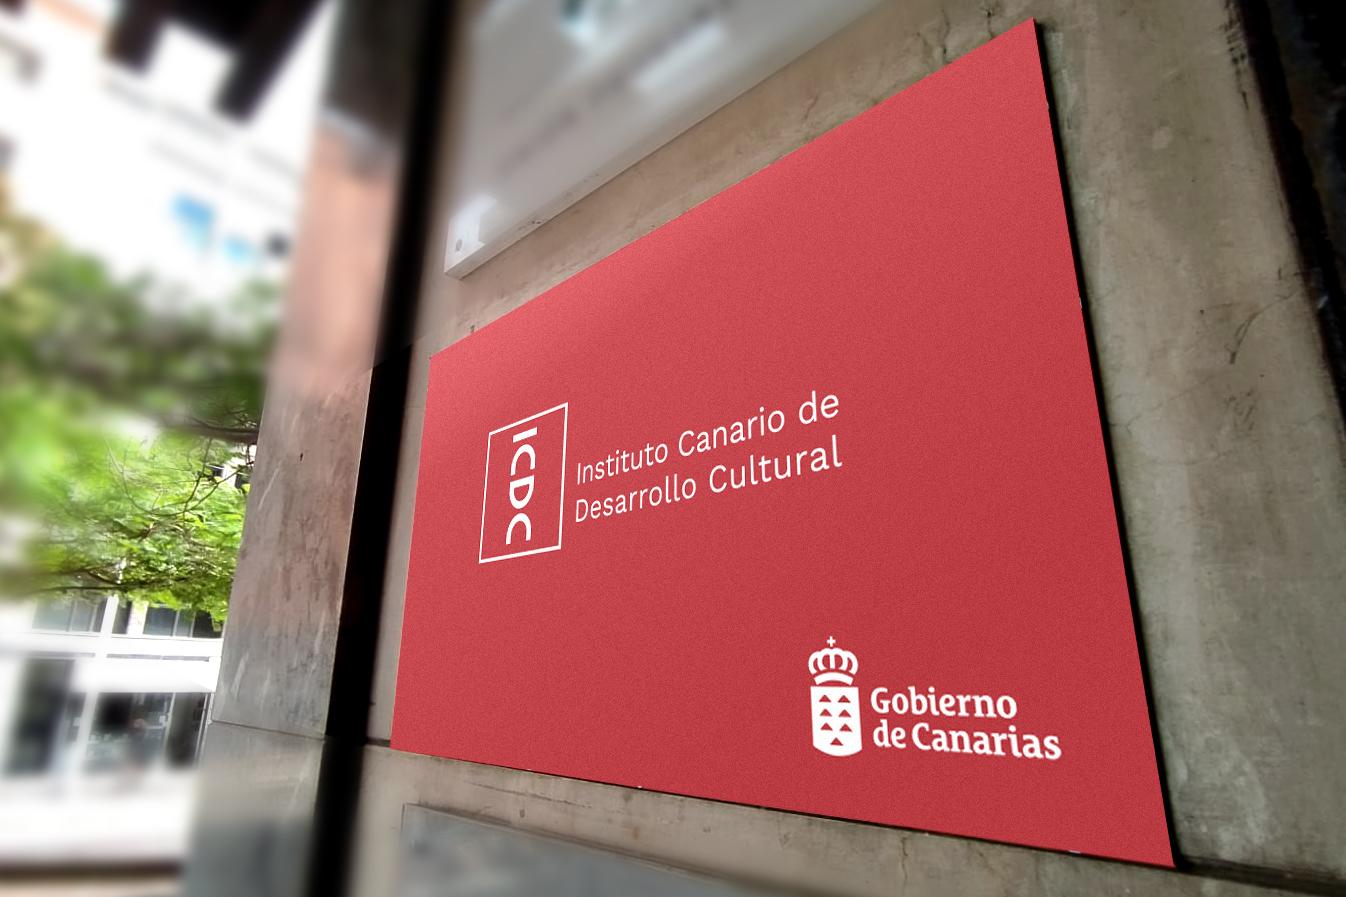 Nace el nuevo Instituto Canario de Desarrollo Cultural